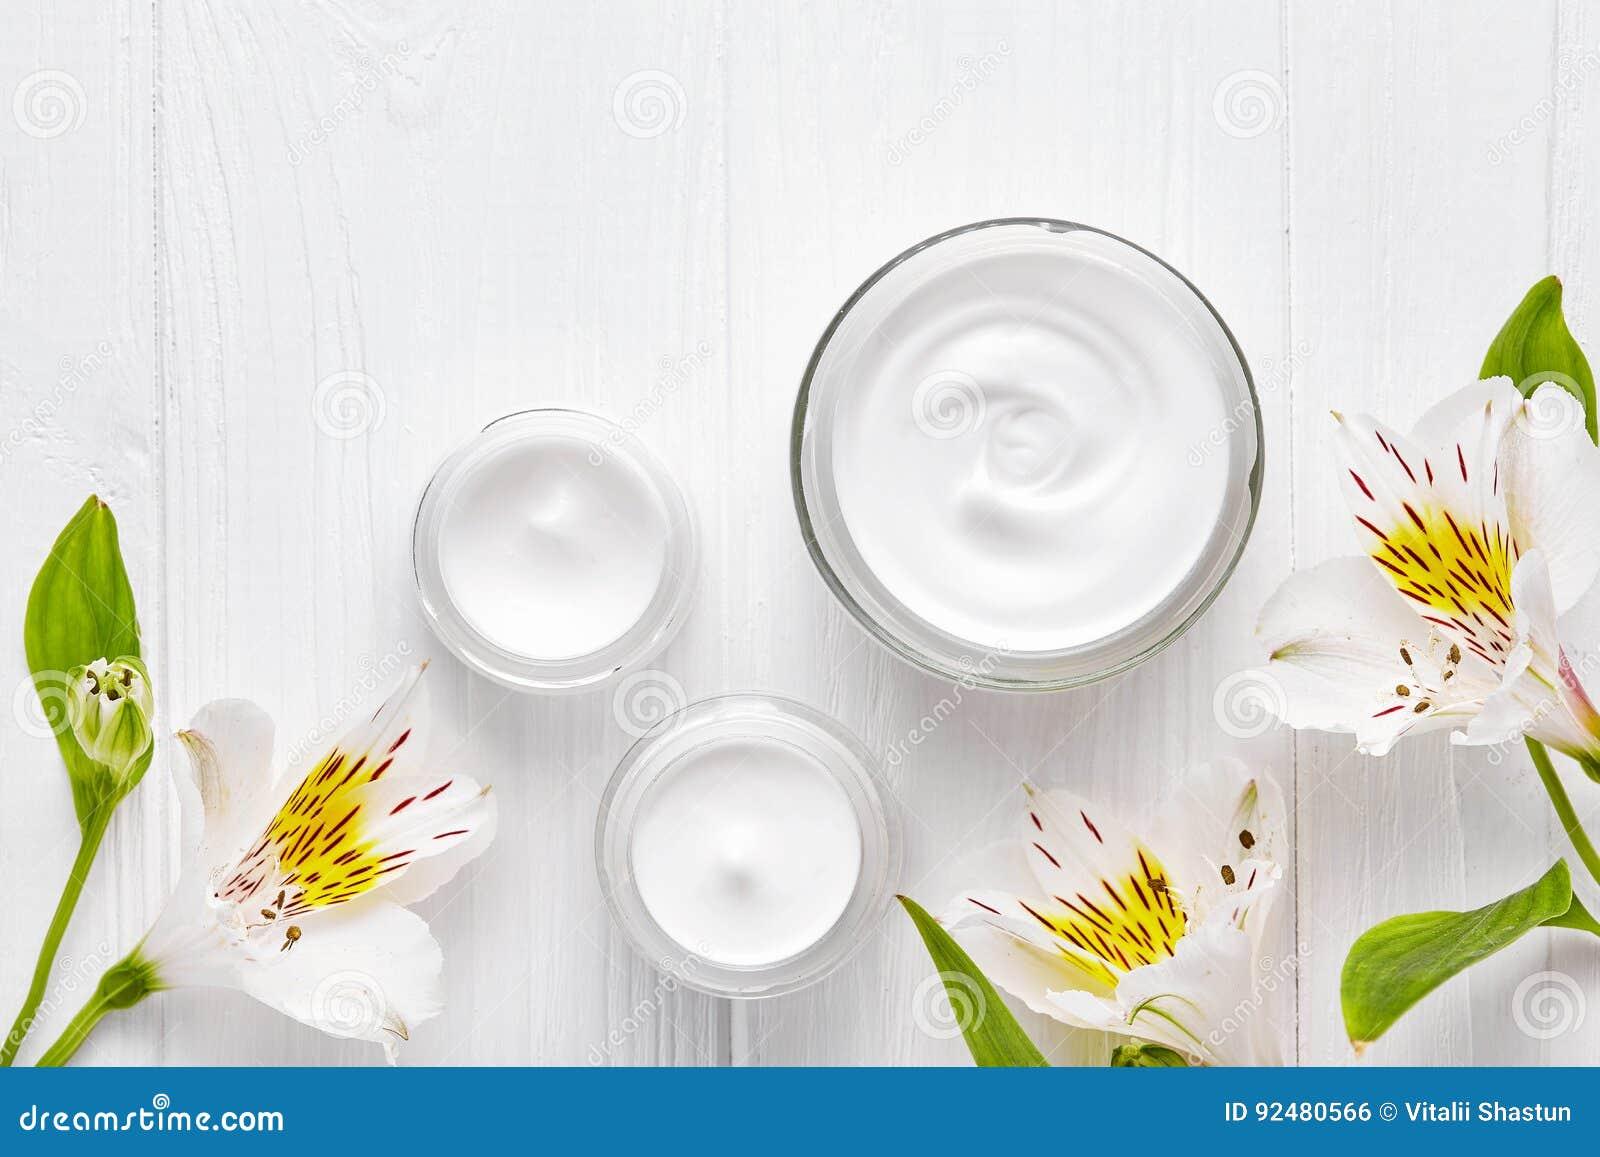 疲乏的皮肤化妆奶油色面部skincare医疗放松疗法,防皱含水物皮肤学专家